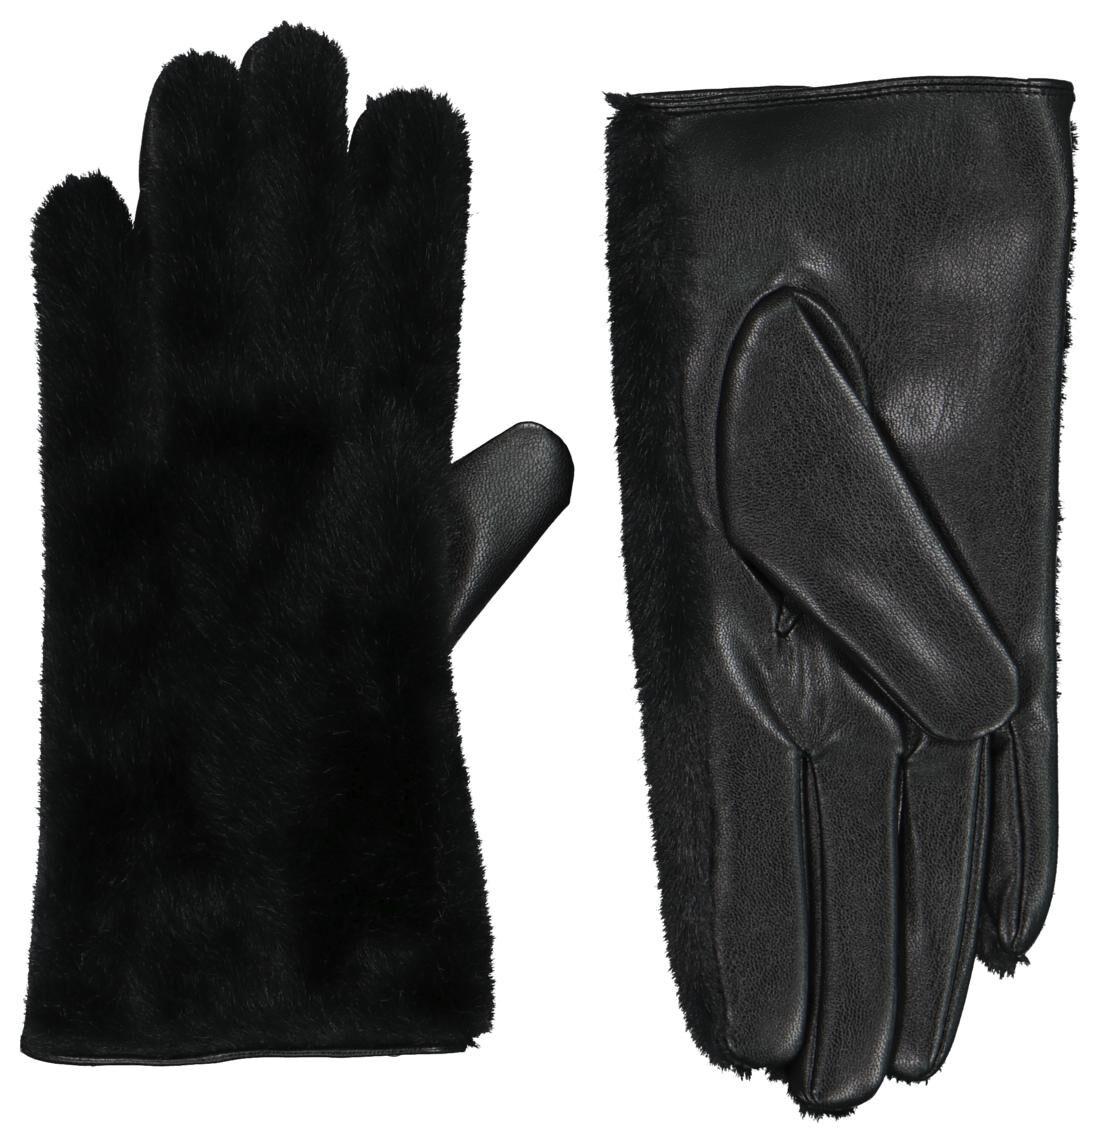 HEMA Dameshandschoenen Touchscreen Zwart (zwart)